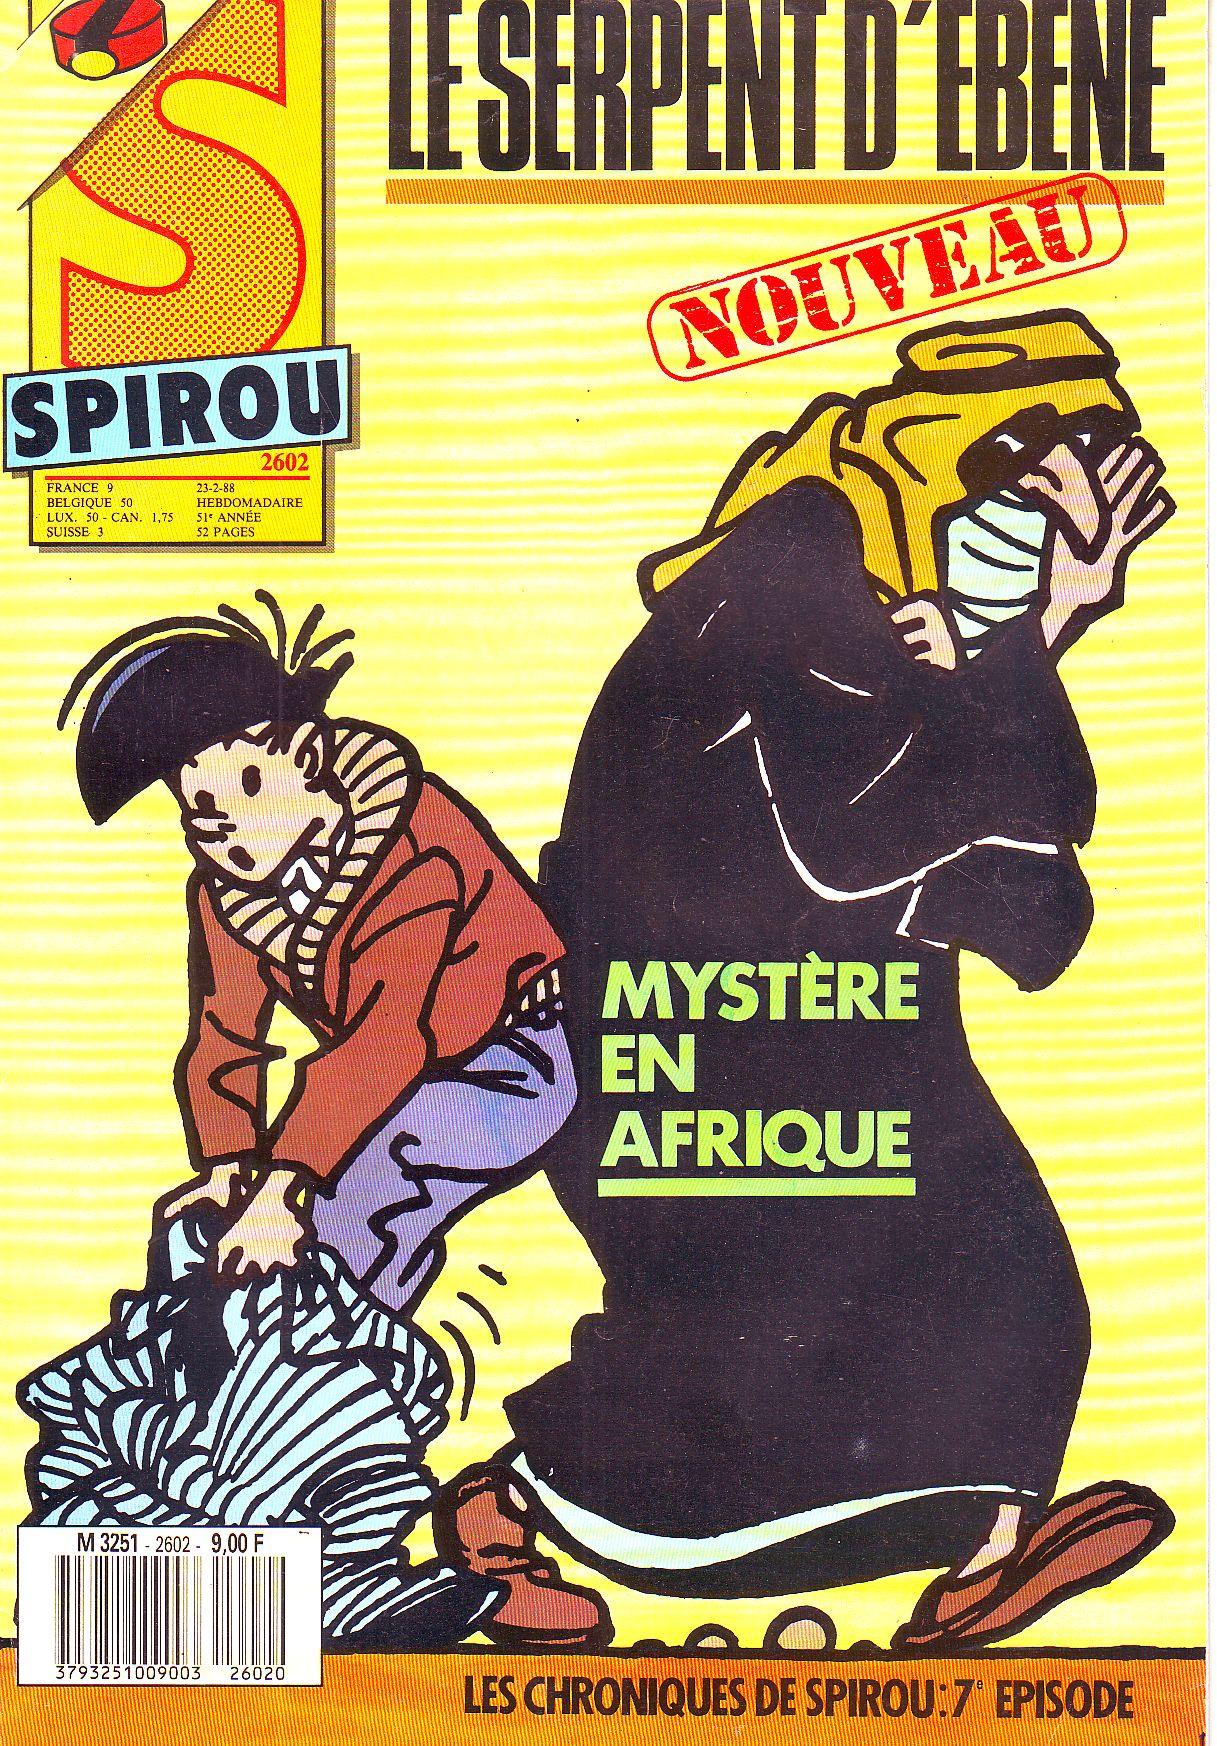 Le journal de Spirou 2602